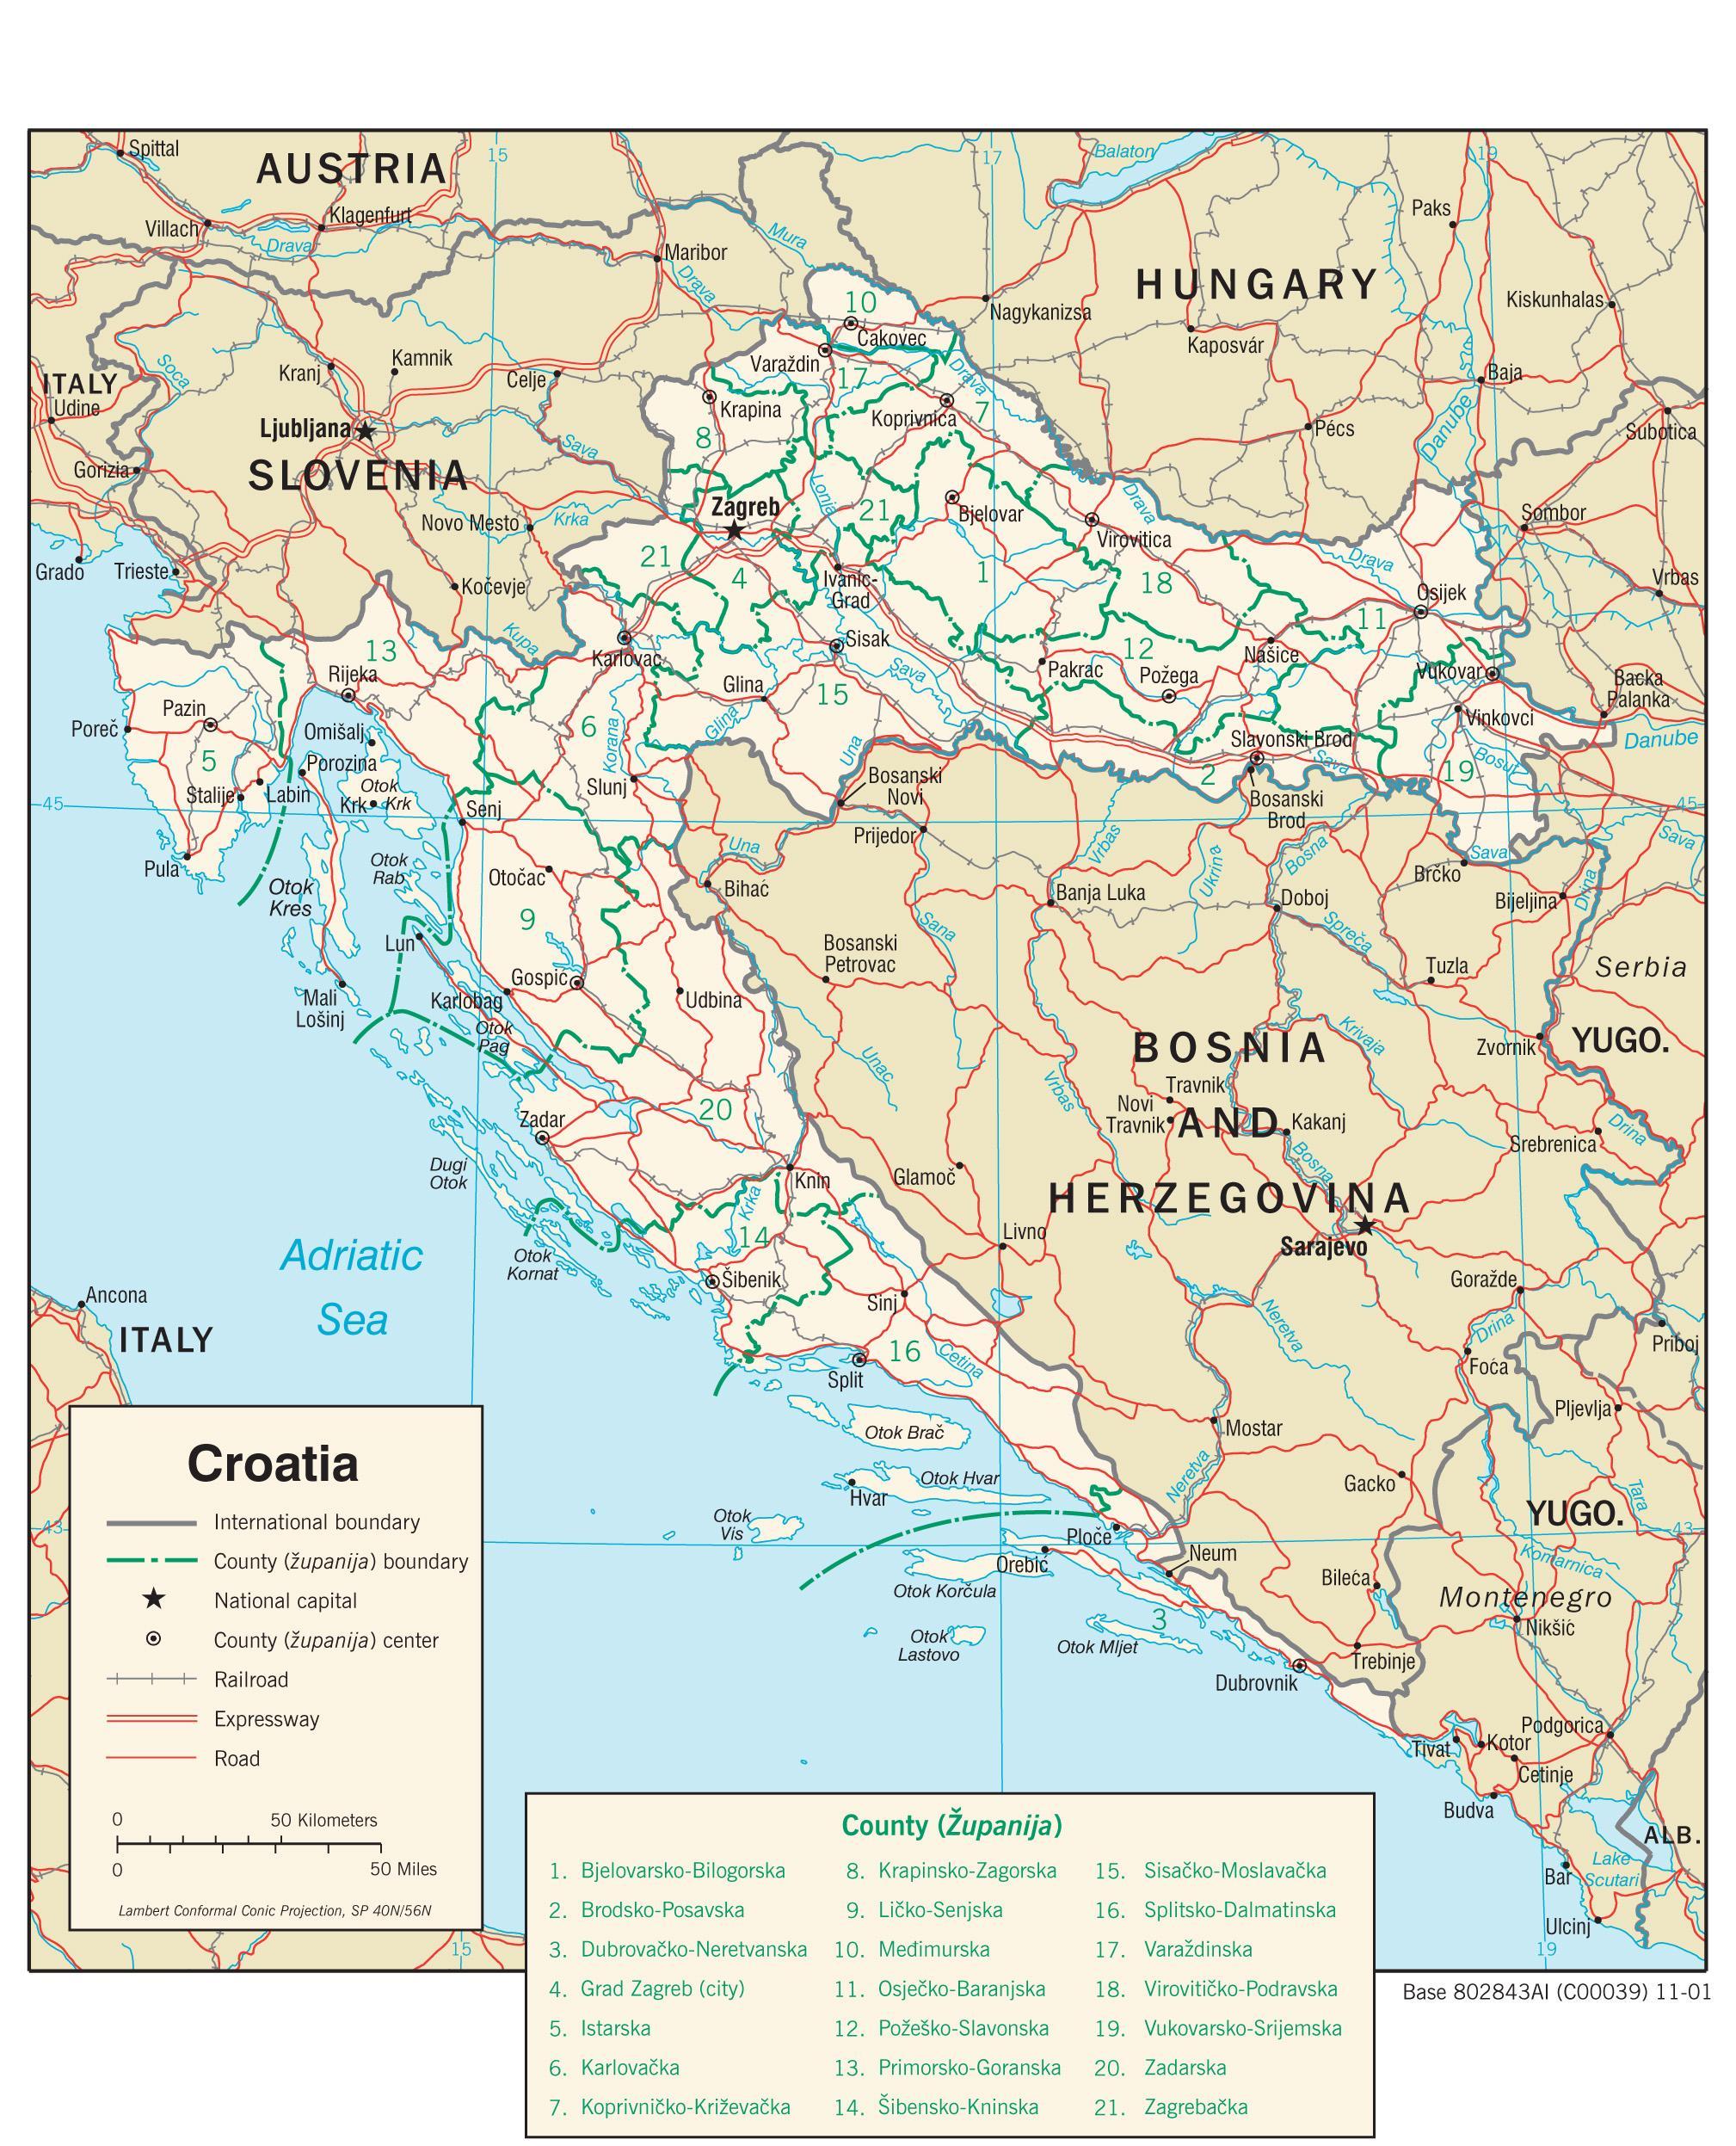 Lidl kroatien karta karta ver lidl kroatien sdra europa europa karta ver lidl kroatien altavistaventures Image collections